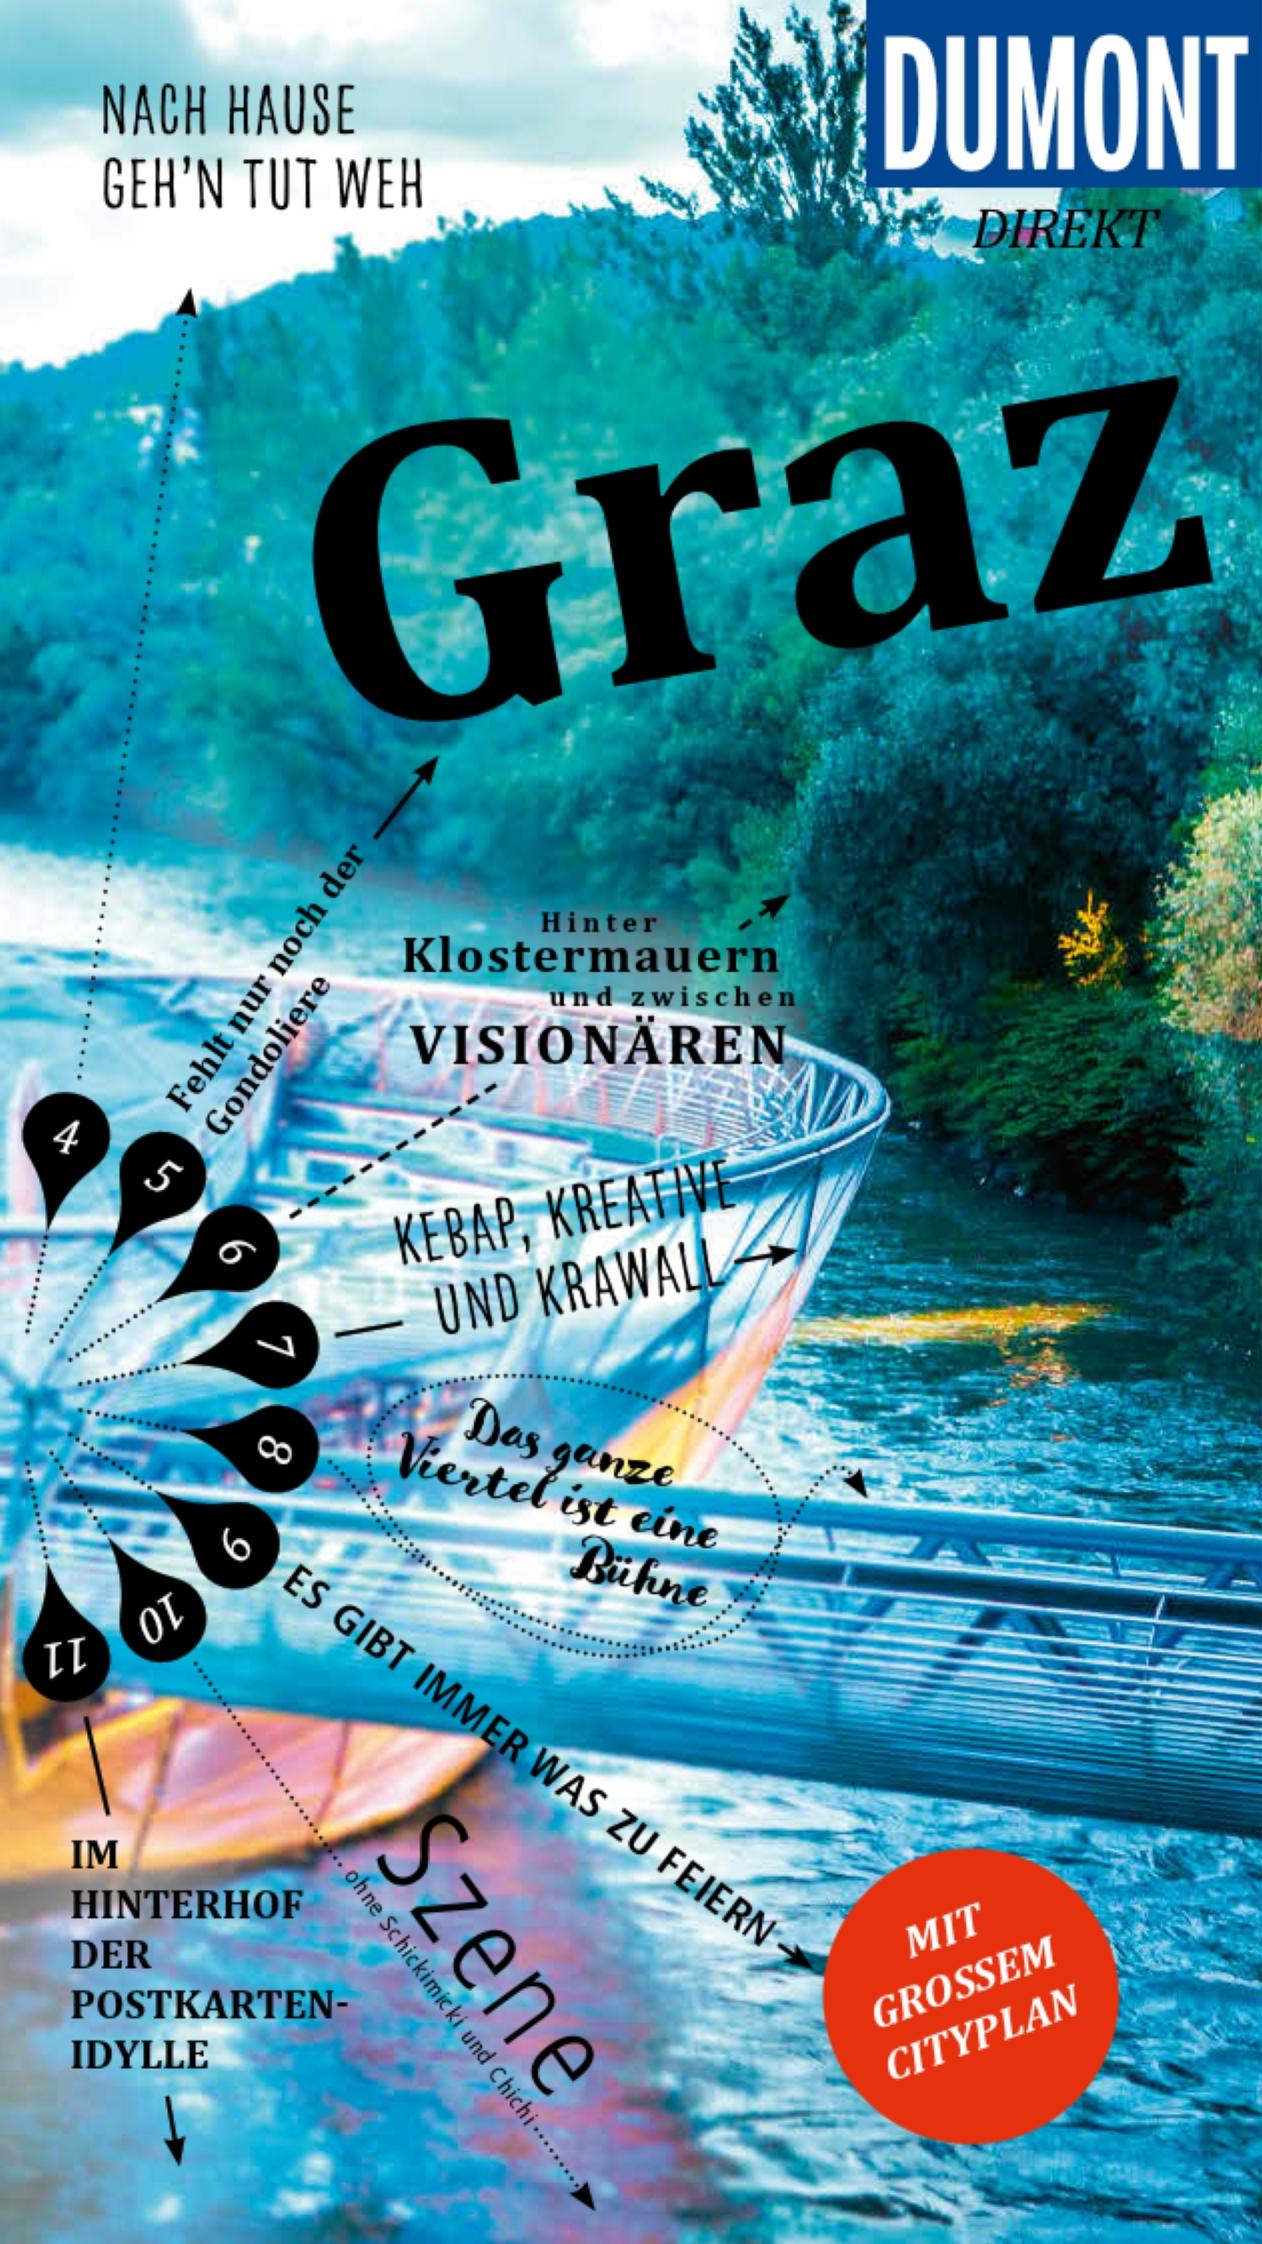 DuMont Direkt - Graz (Cover)